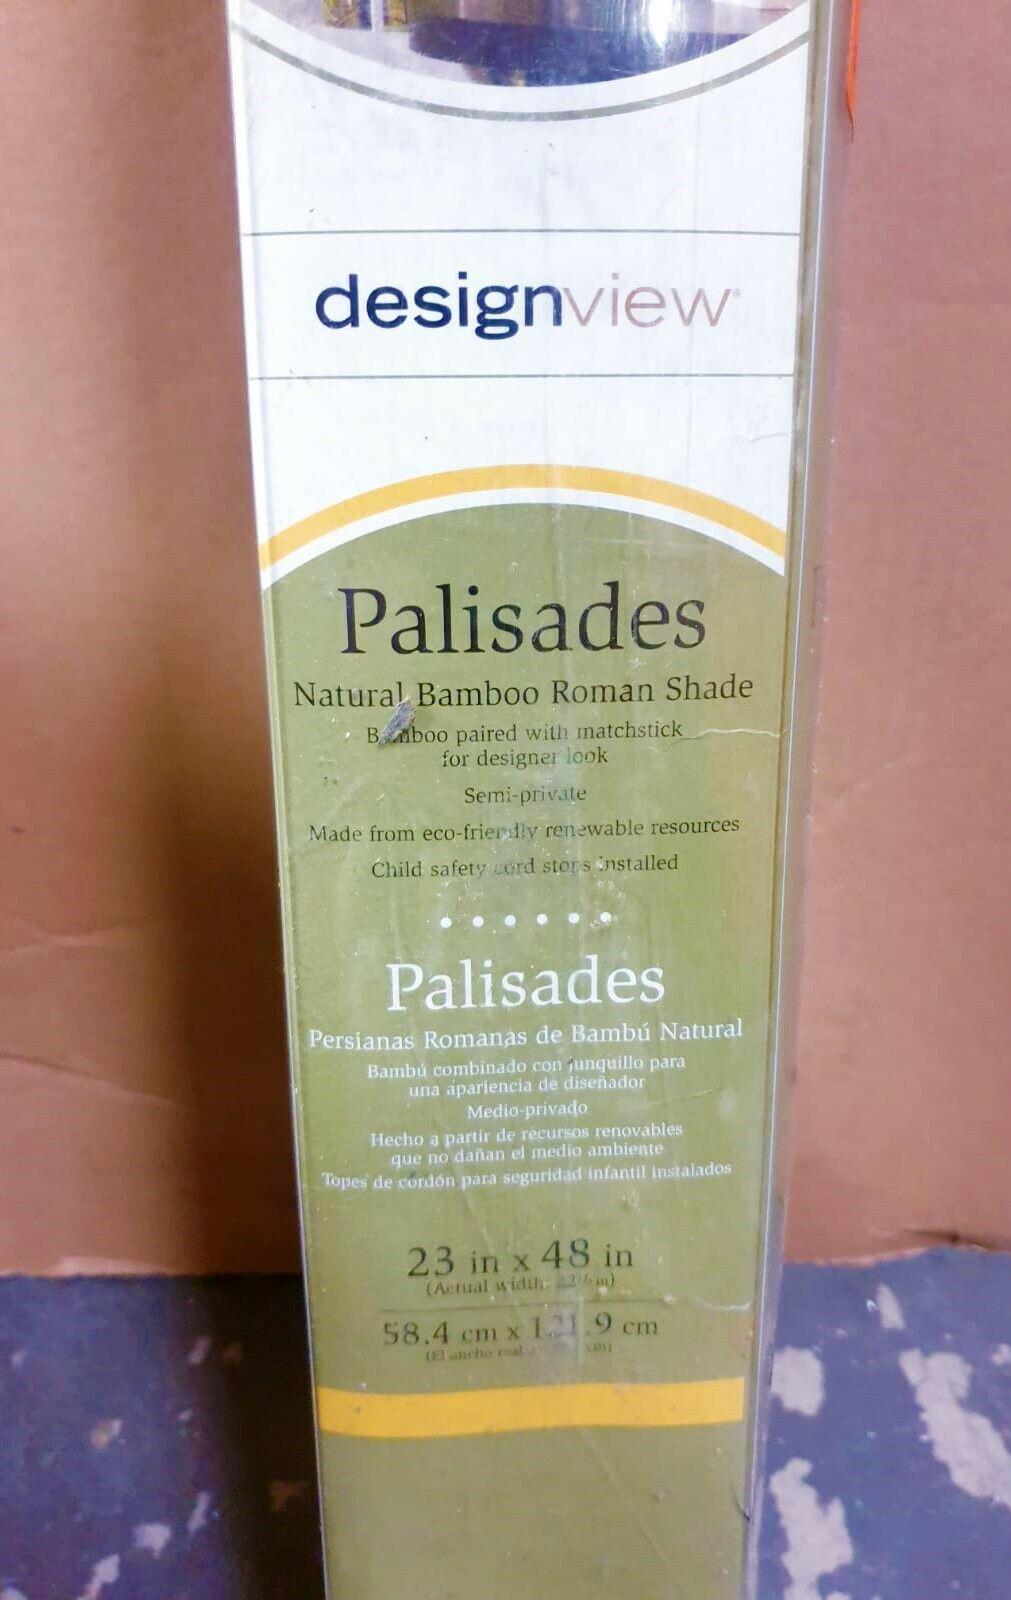 designview blinds palisades natural bamboo roman shade